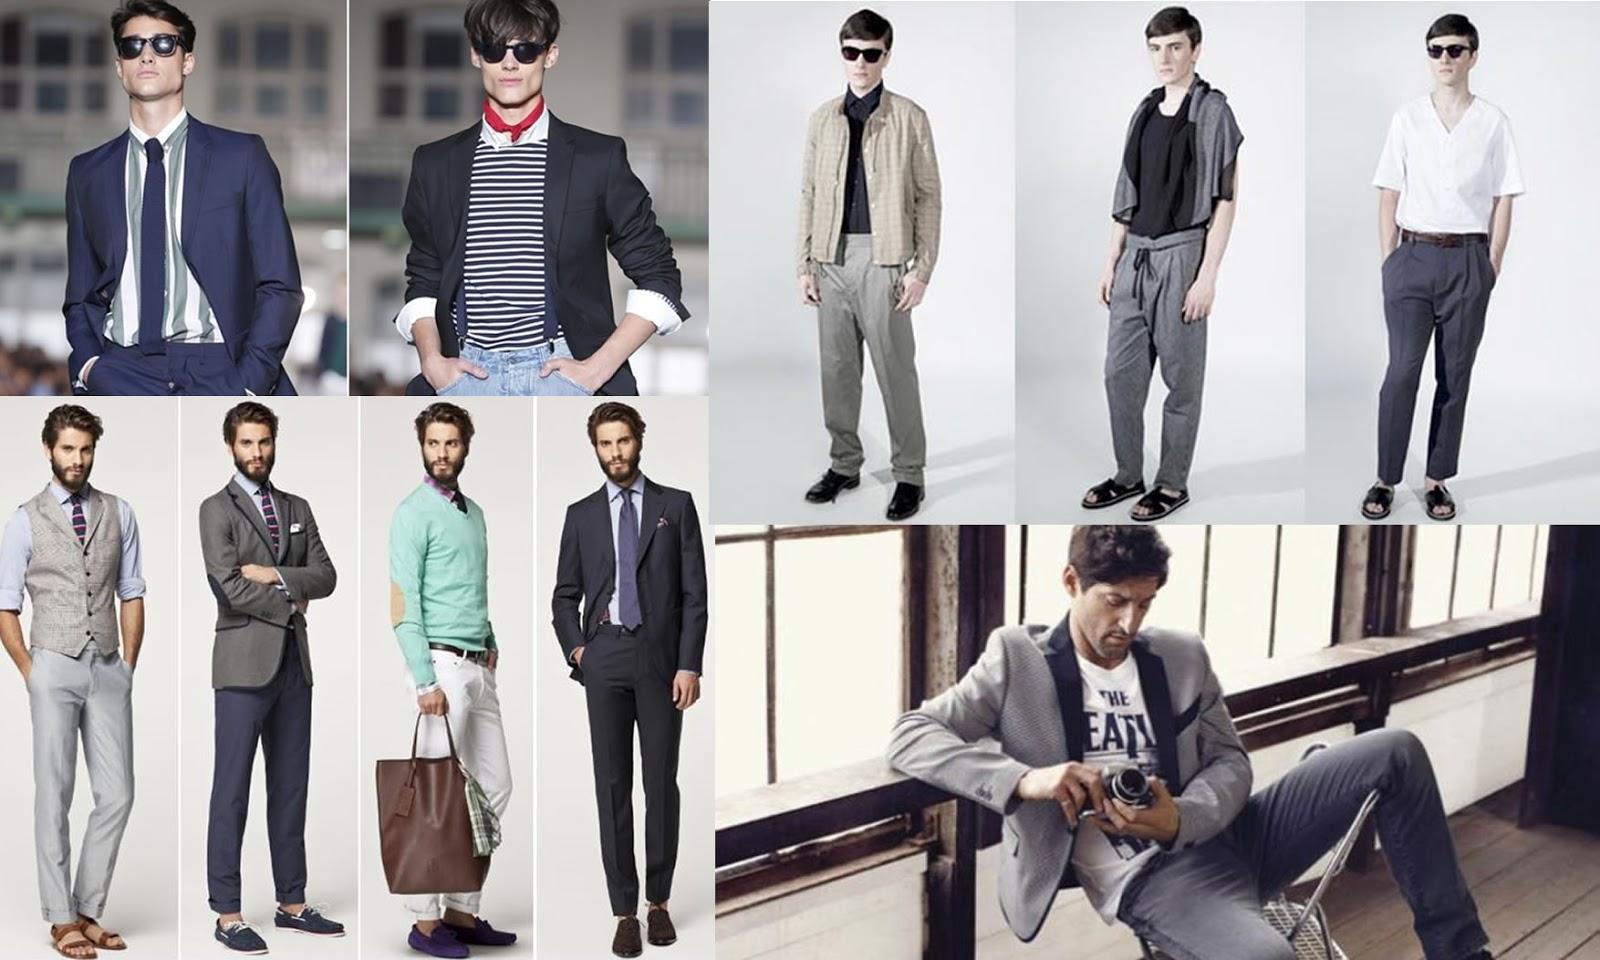 Lo ltimo en moda para hombres consejos para vestir y for Lo ultimo en moda para hombres